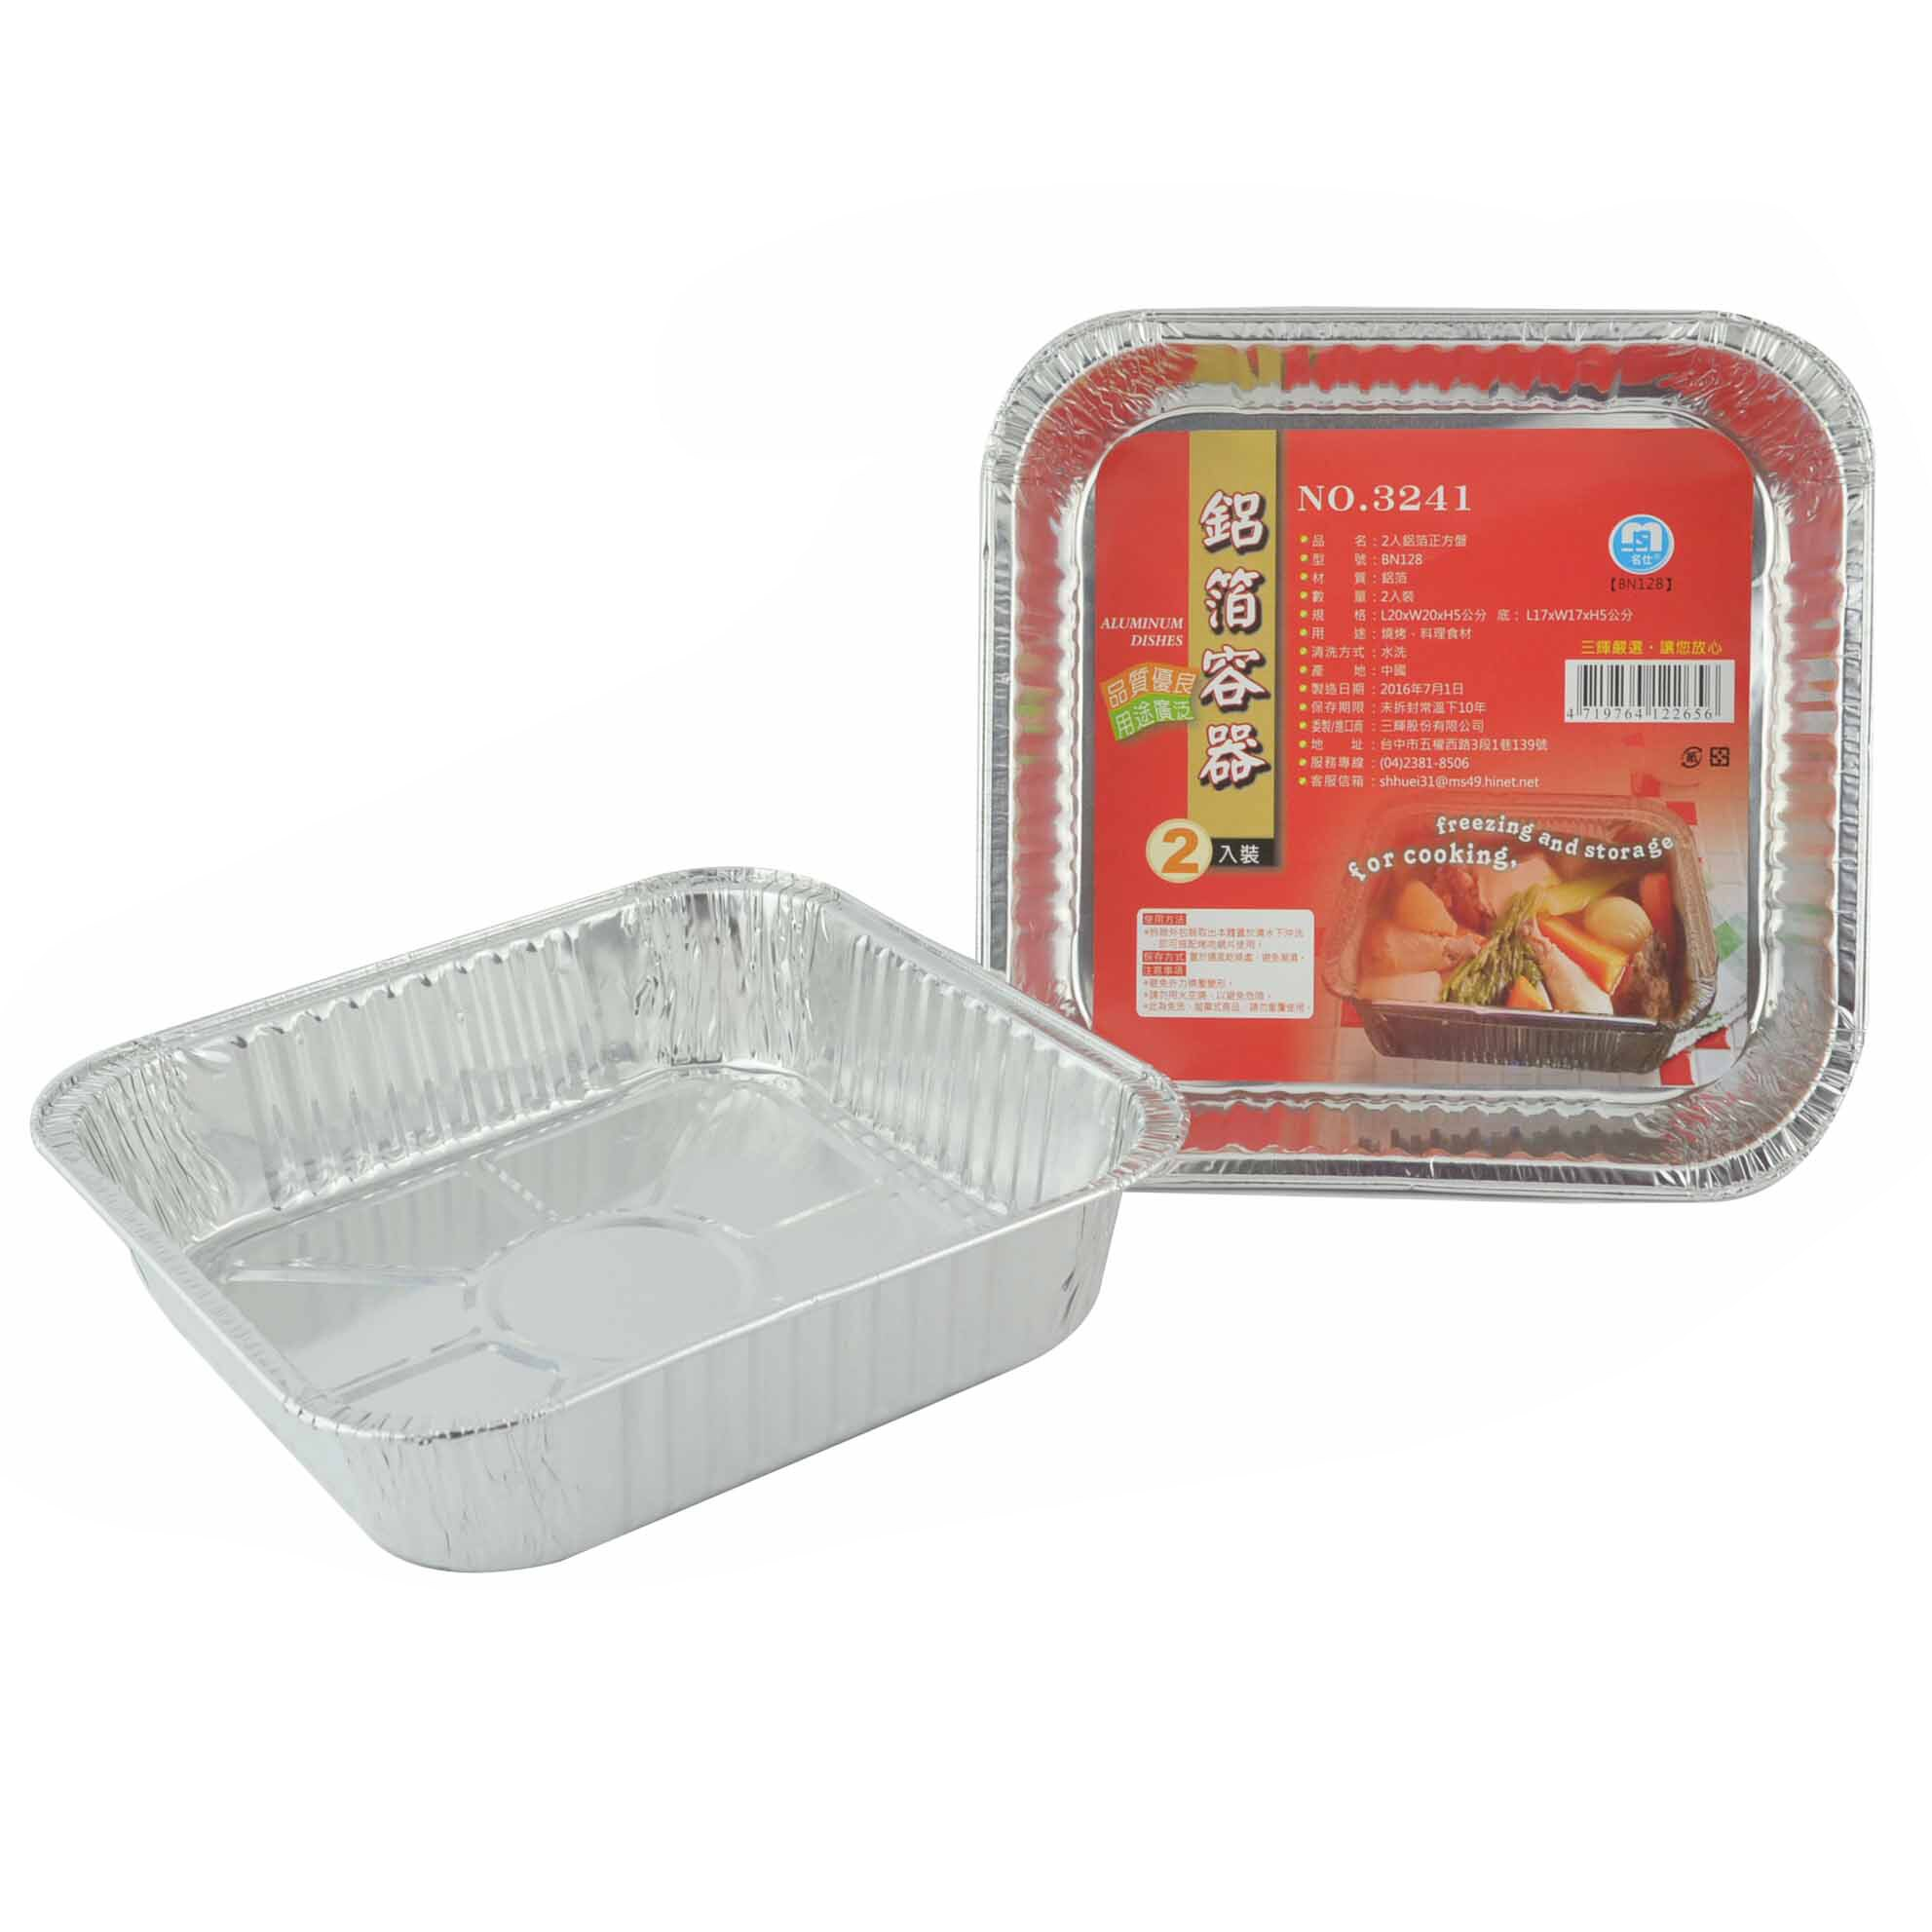 2入鋁箔正方盤NO.3241 鋁箔容器 免洗餐具 麵包盒 鋁箔盒 鋁箔碗 焗烤盒 烤肉鋁箔盒 錫紙盒 燒烤 烘焙盒 烤箱盒